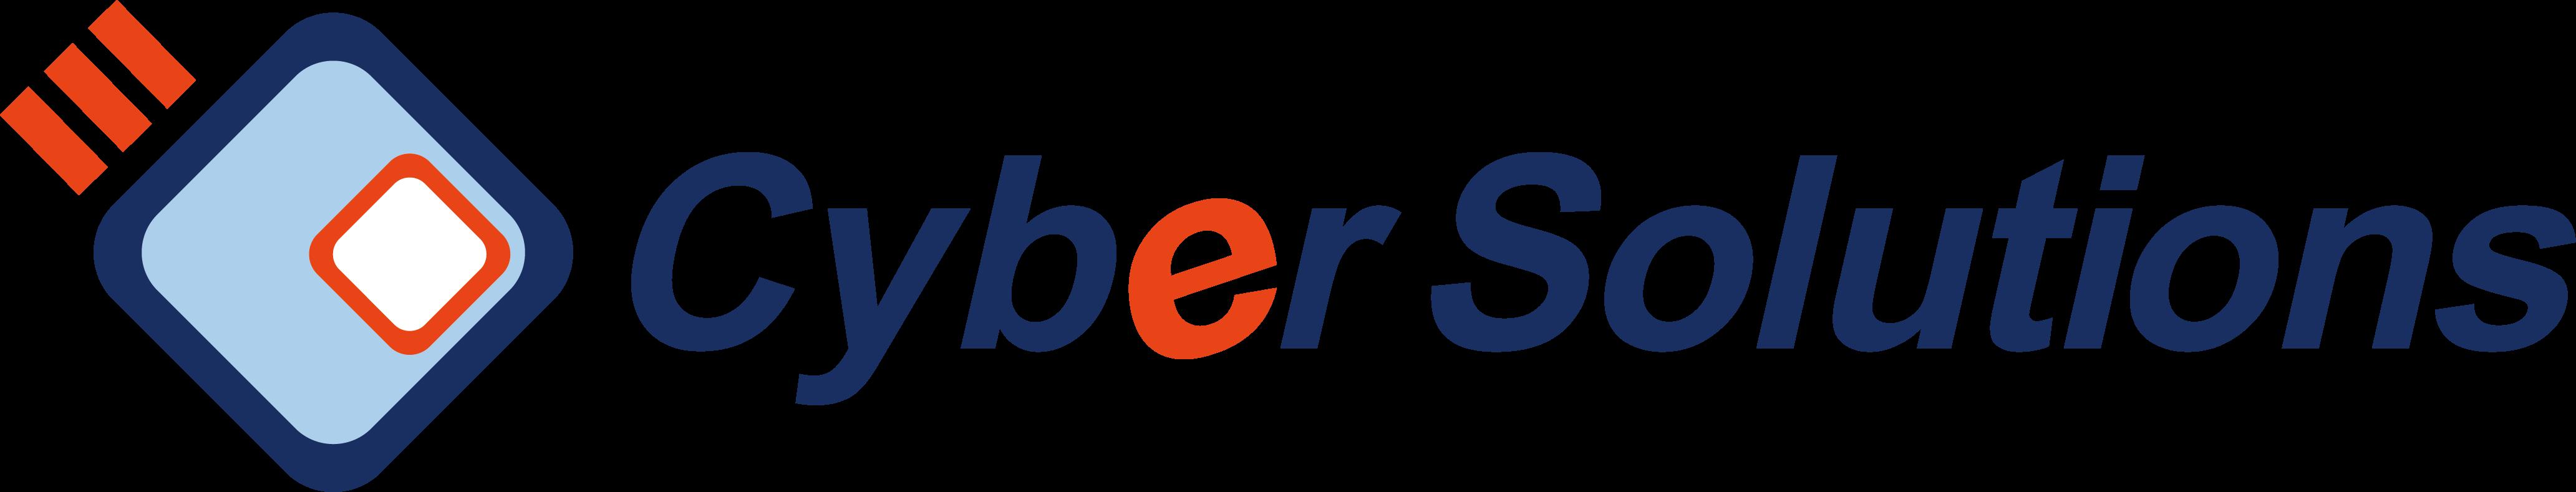 CyberSolutions - ISR